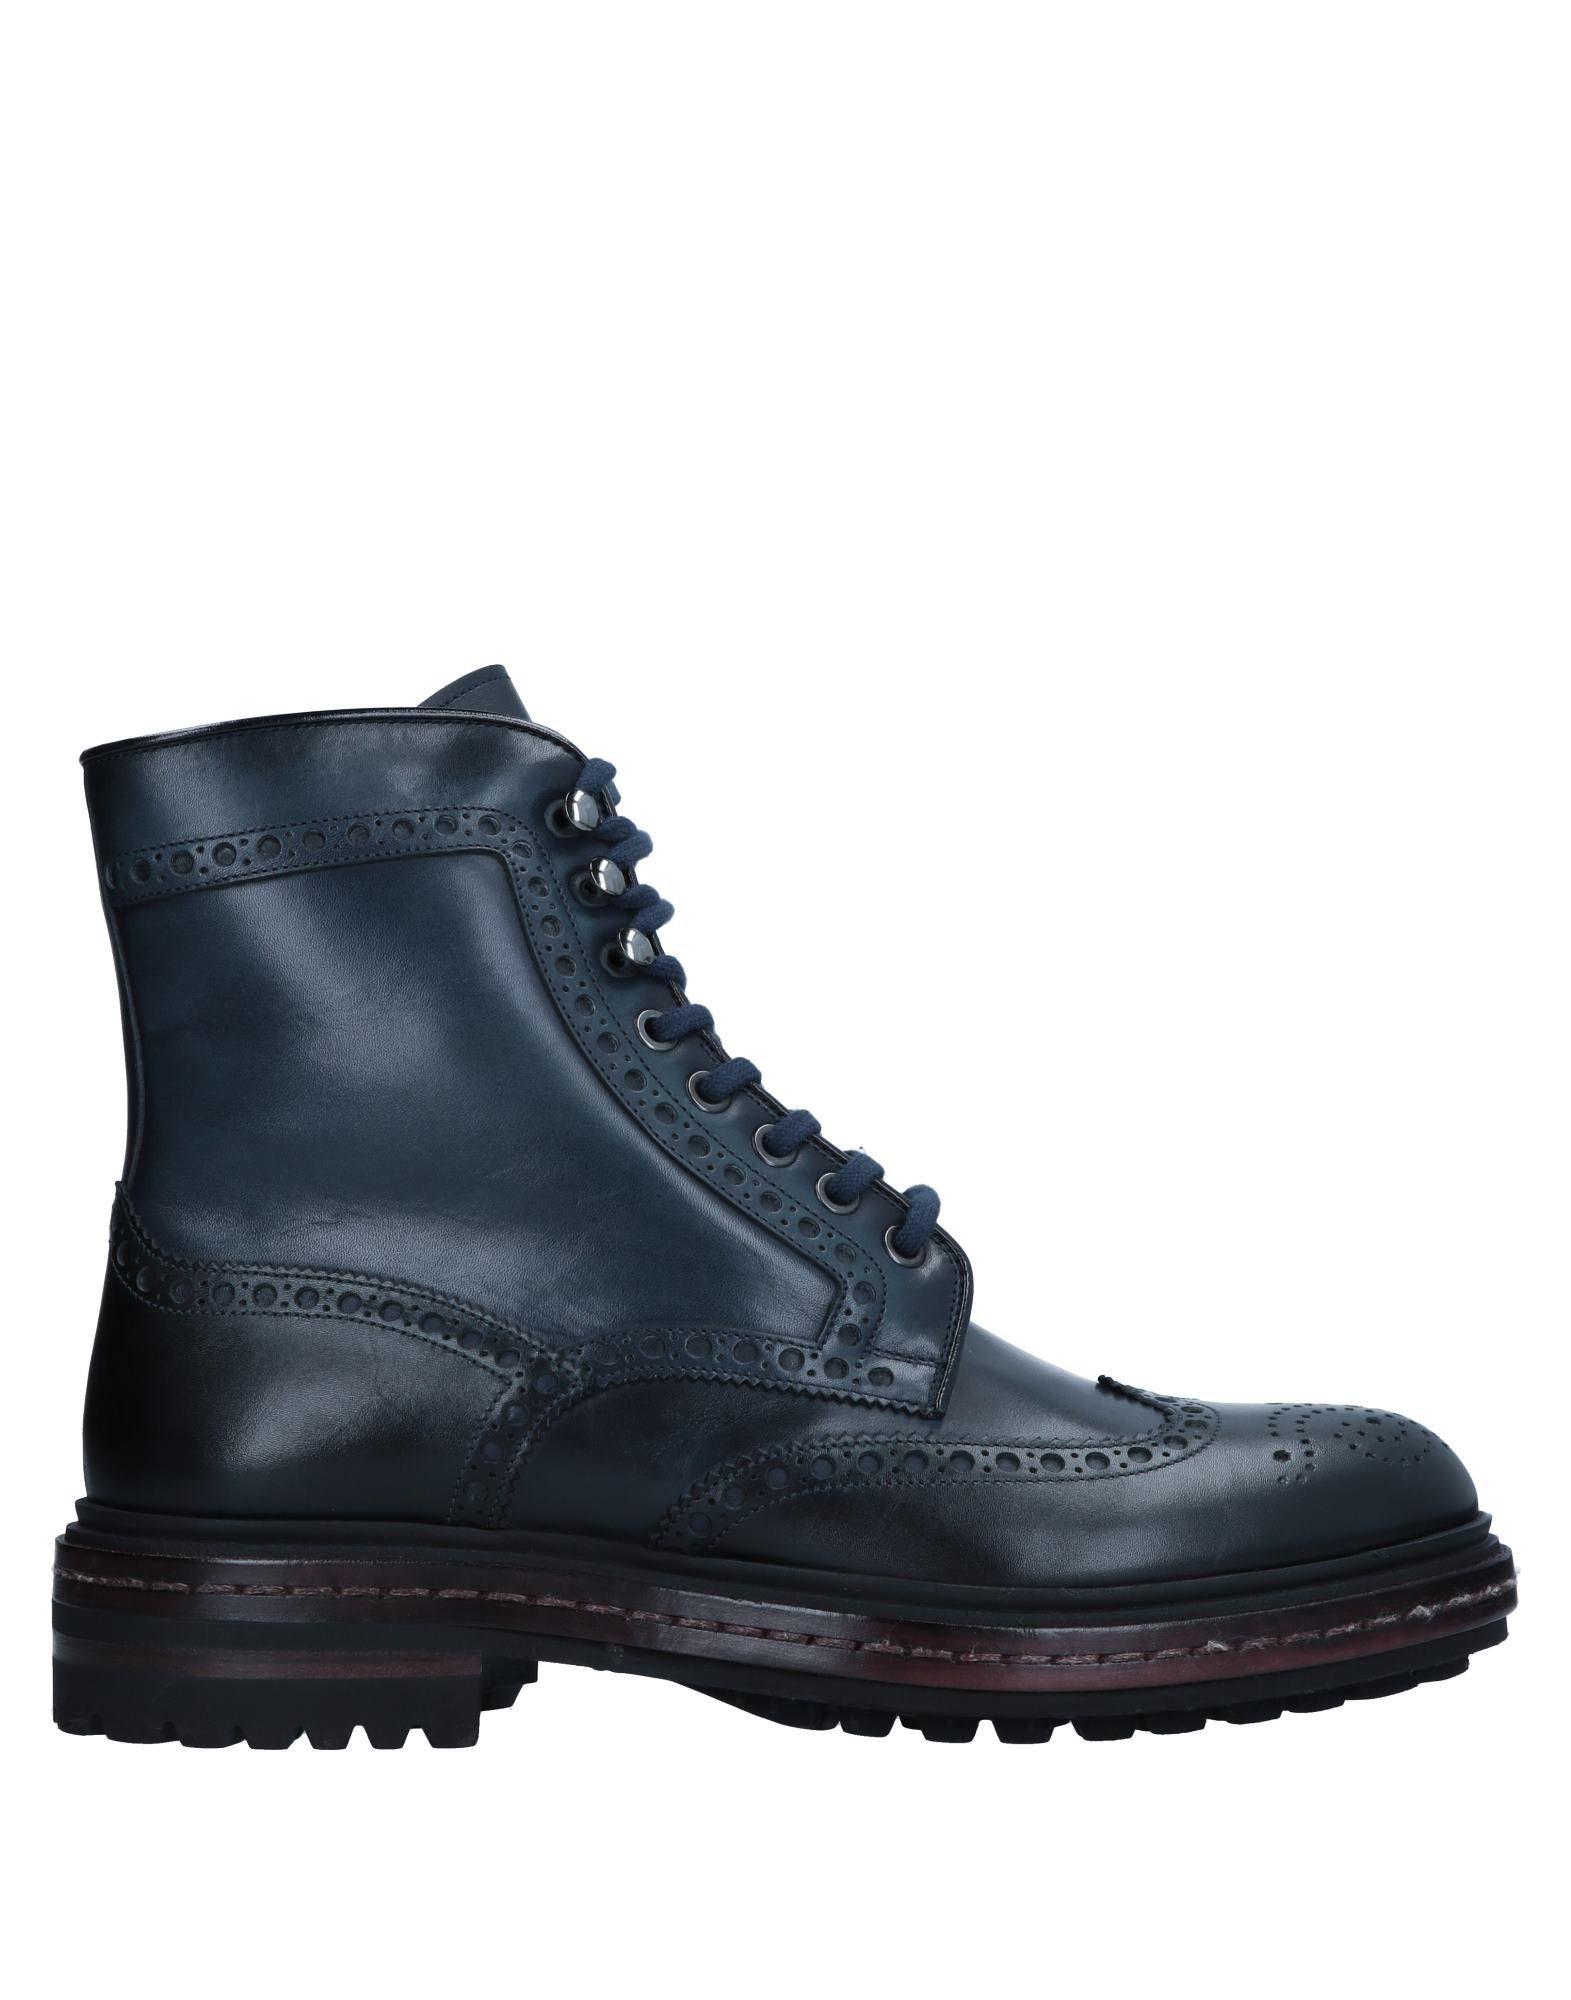 Santoni Stiefelette Herren  11543219CL Gute Qualität beliebte Schuhe